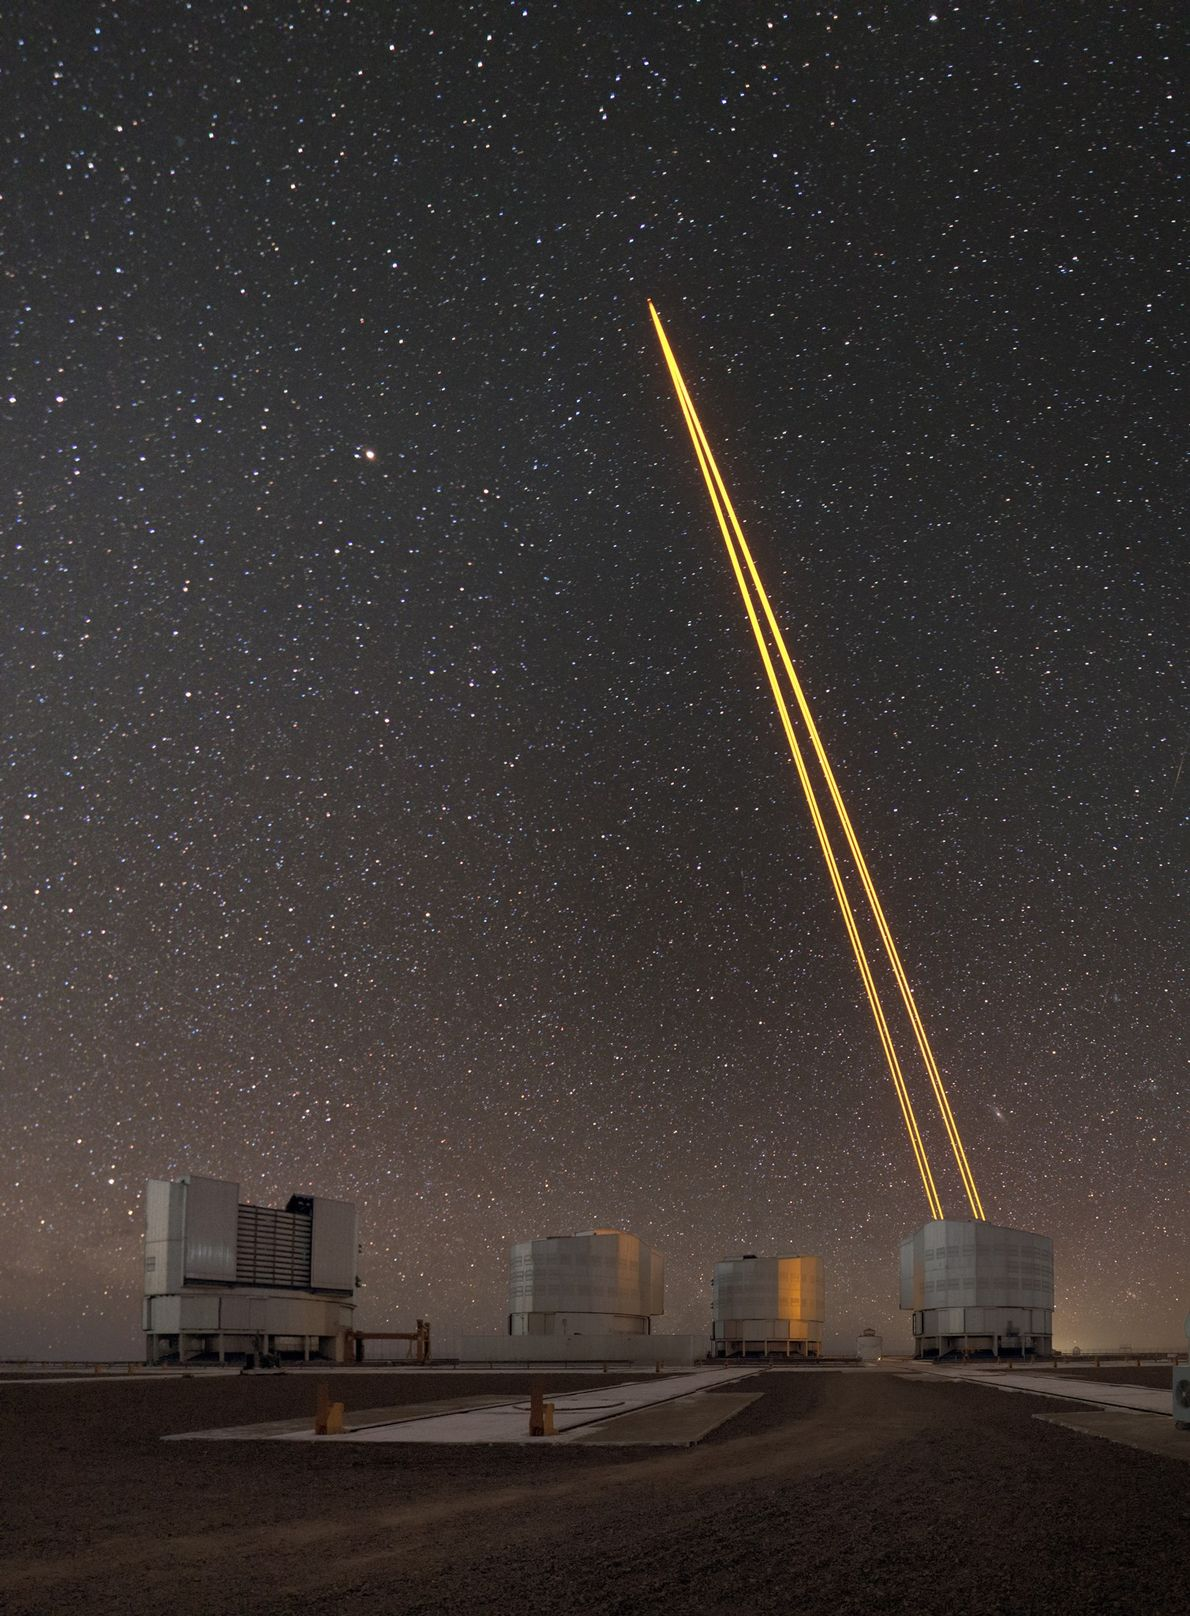 La luz del láser crea una guía artificial estrella para el Very Large Telescope del Observatorio ...